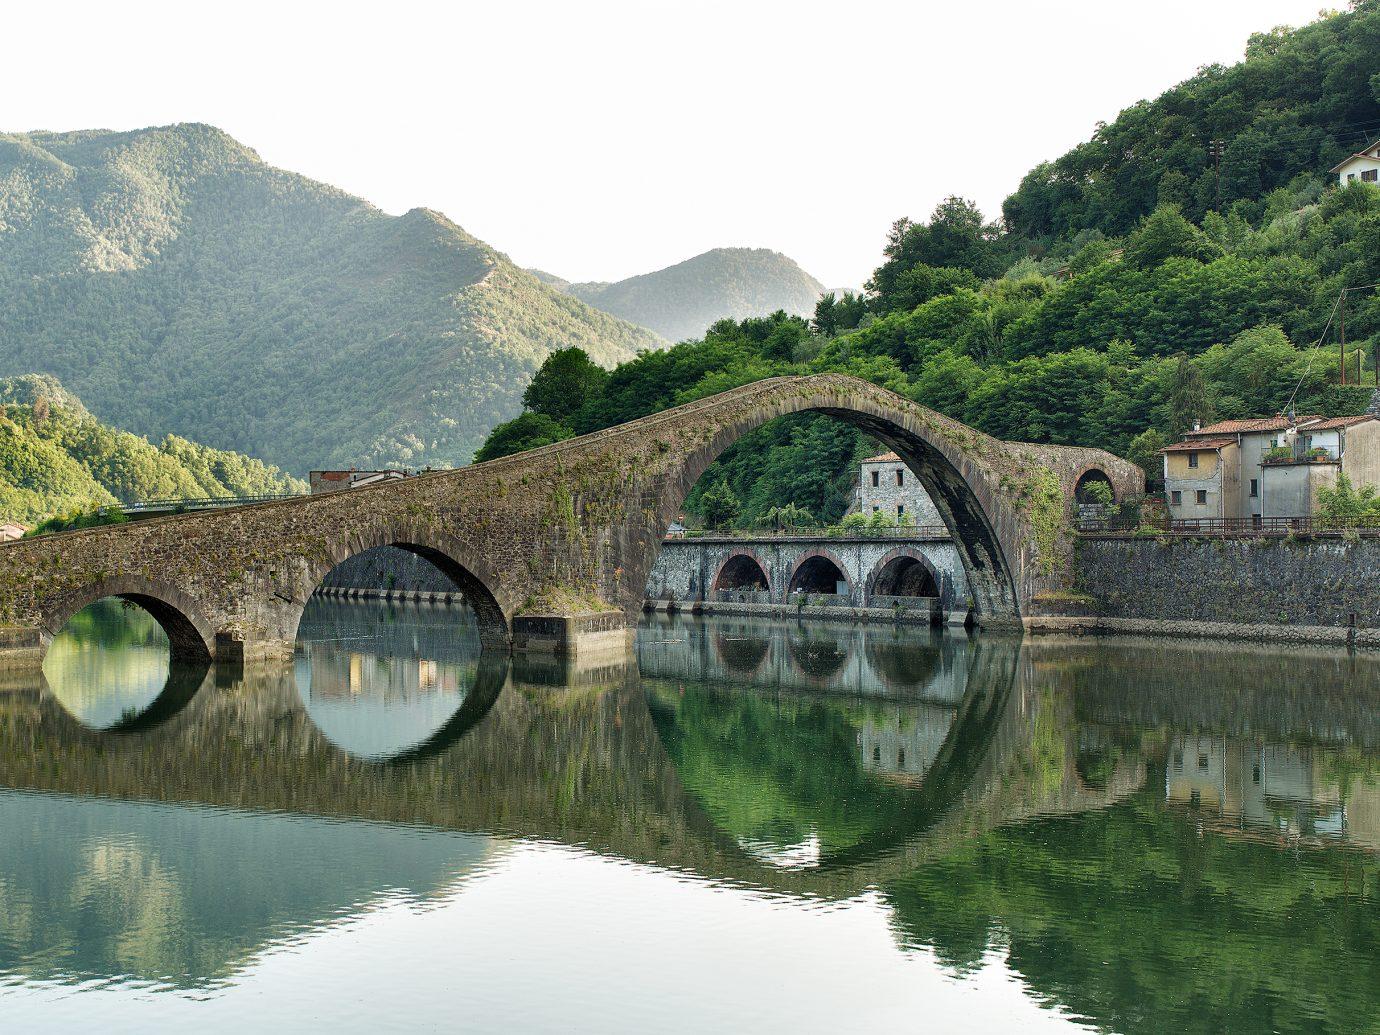 Devils Bridge-Ponte della Maddalena is a bridge crossing the Serchio river near the town of Borgo a Mozzano in the Italian province of Lucca